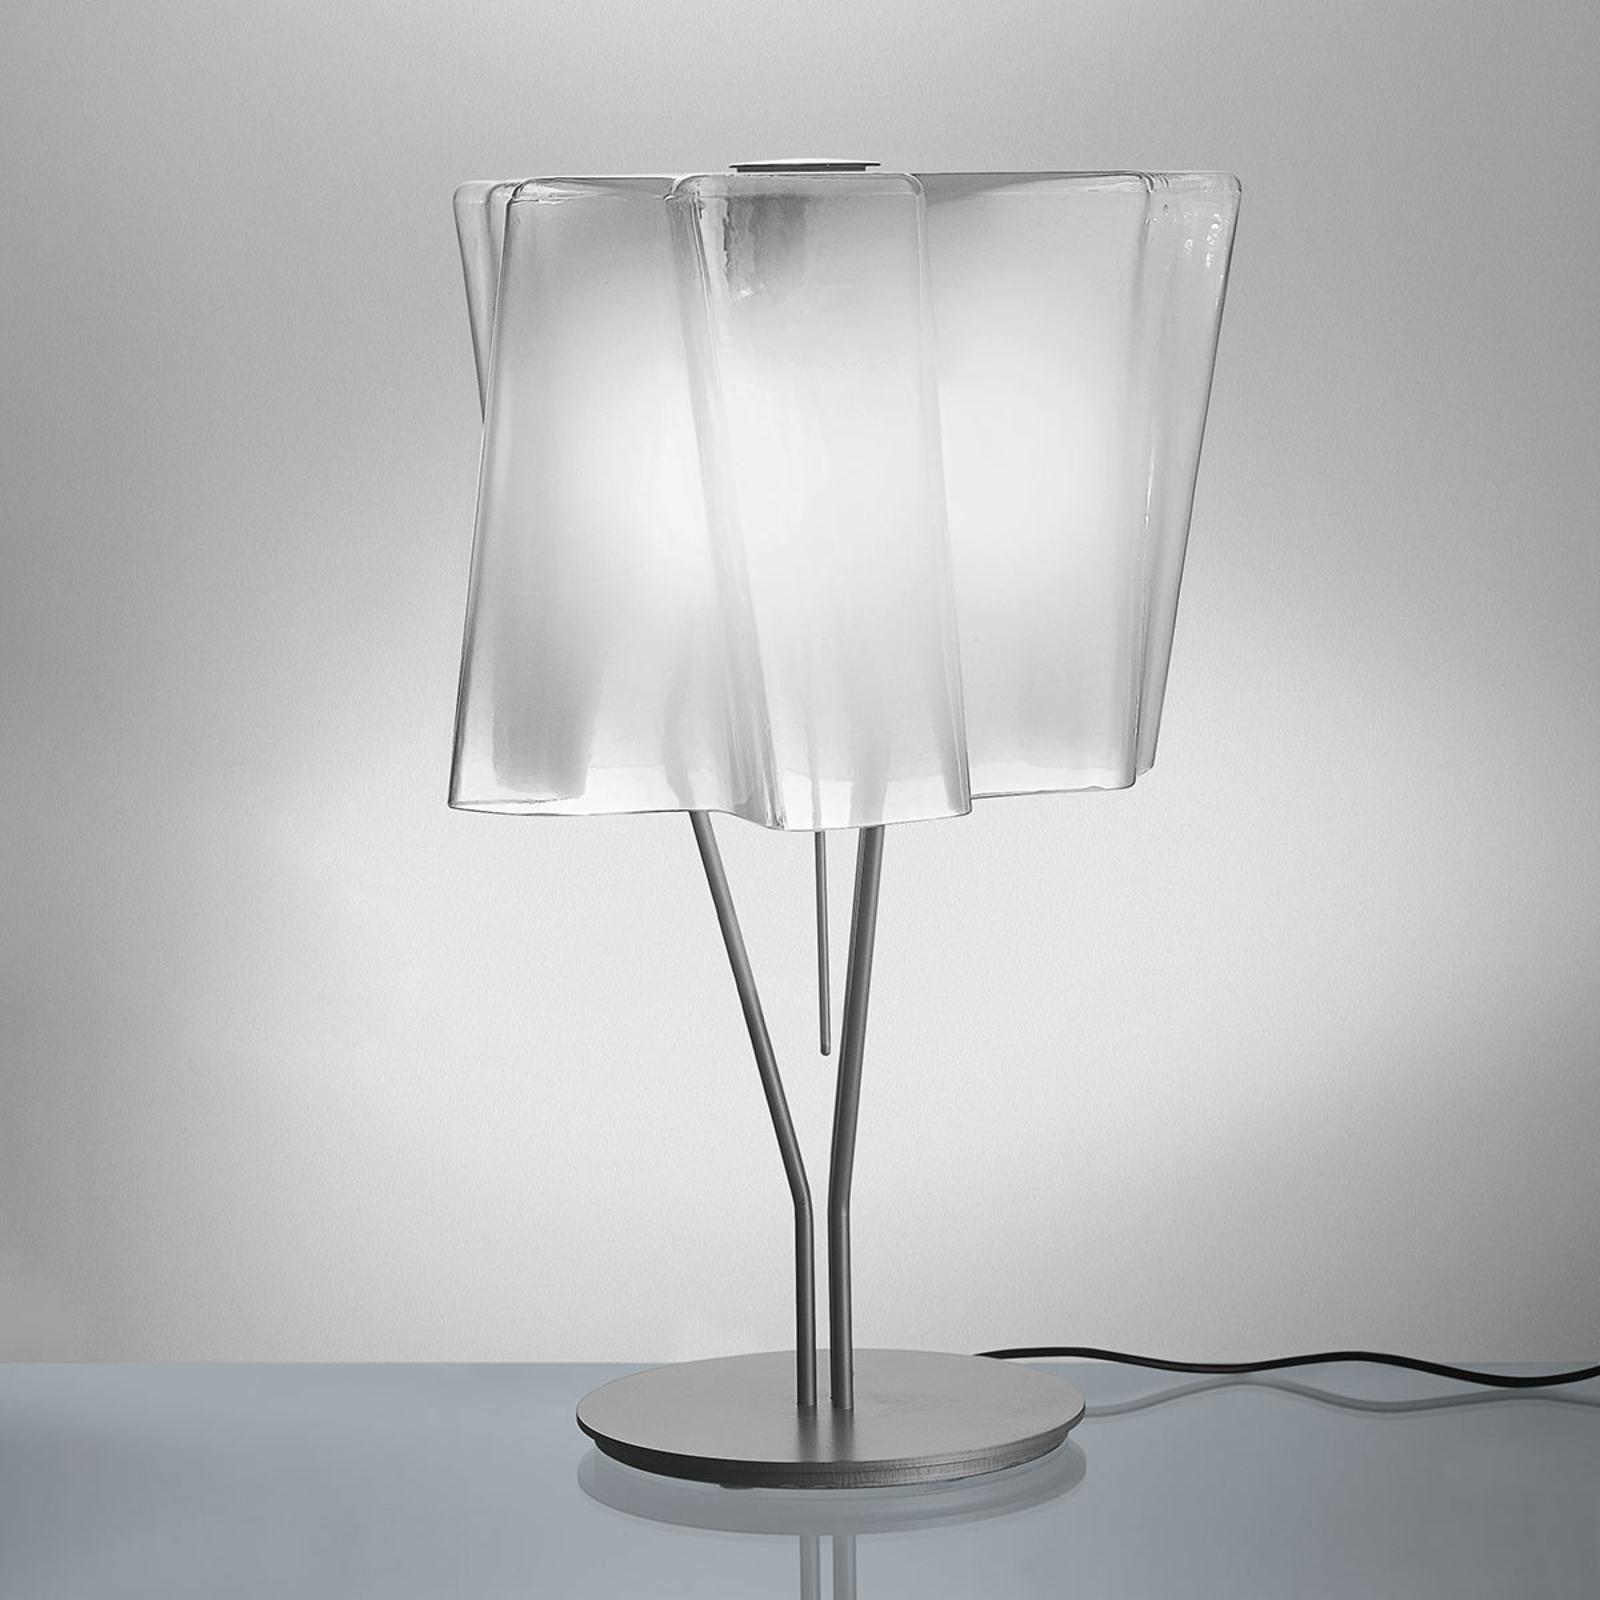 Artemide Logico bordlampe 44 cm silkeglans/alu